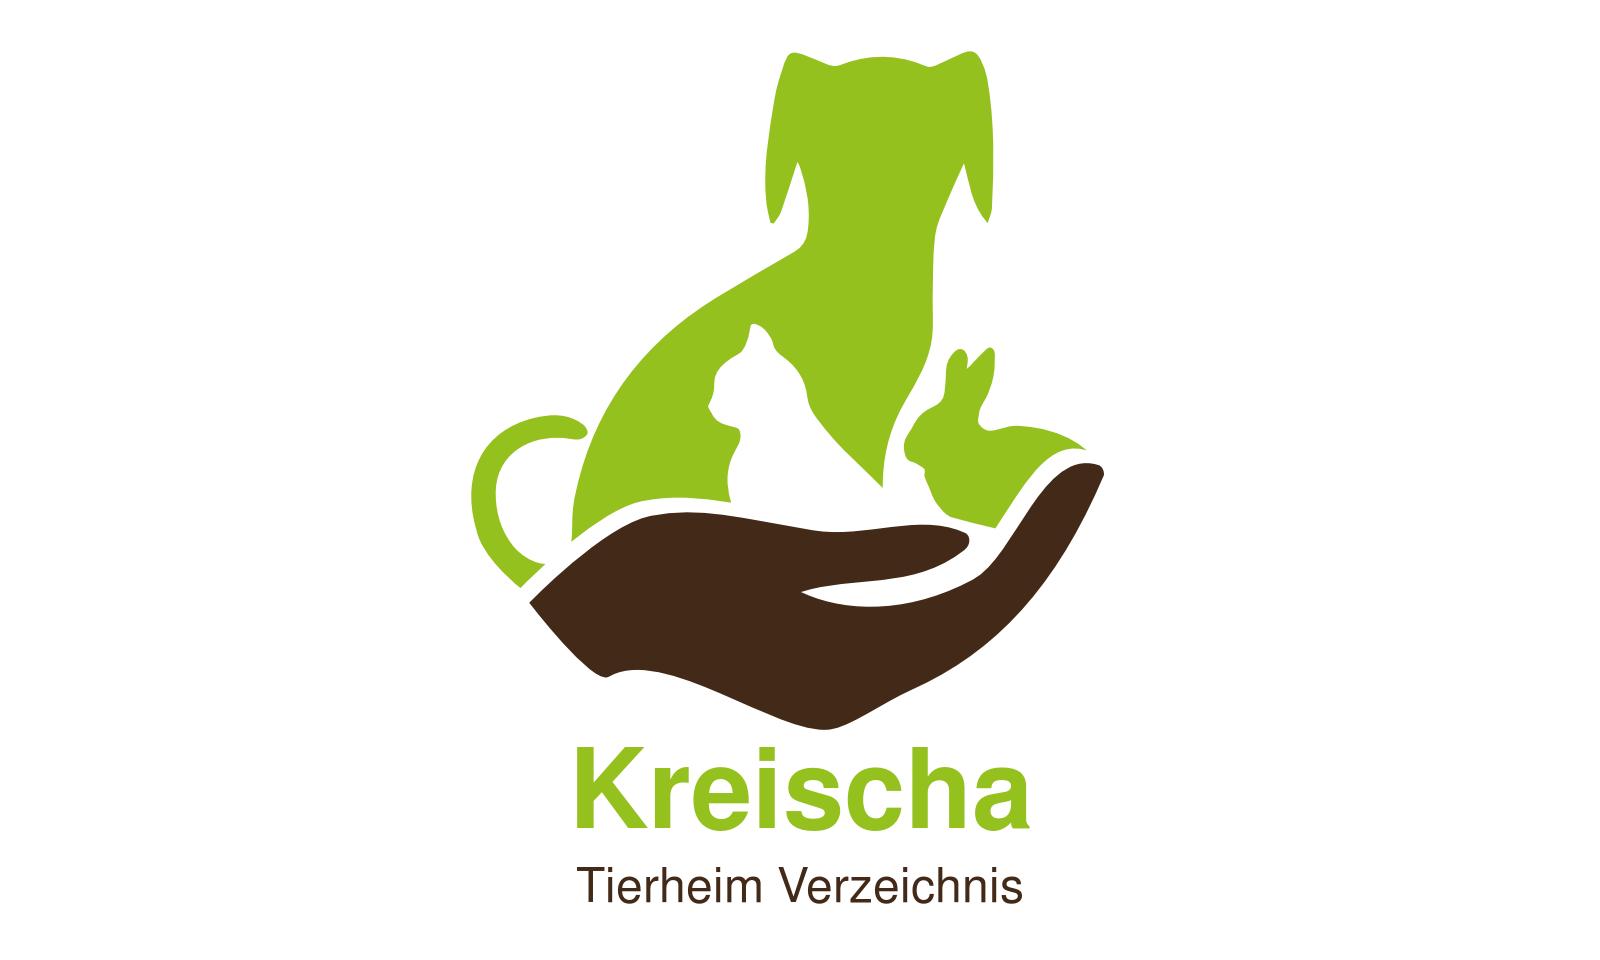 Tierheim Kreischa